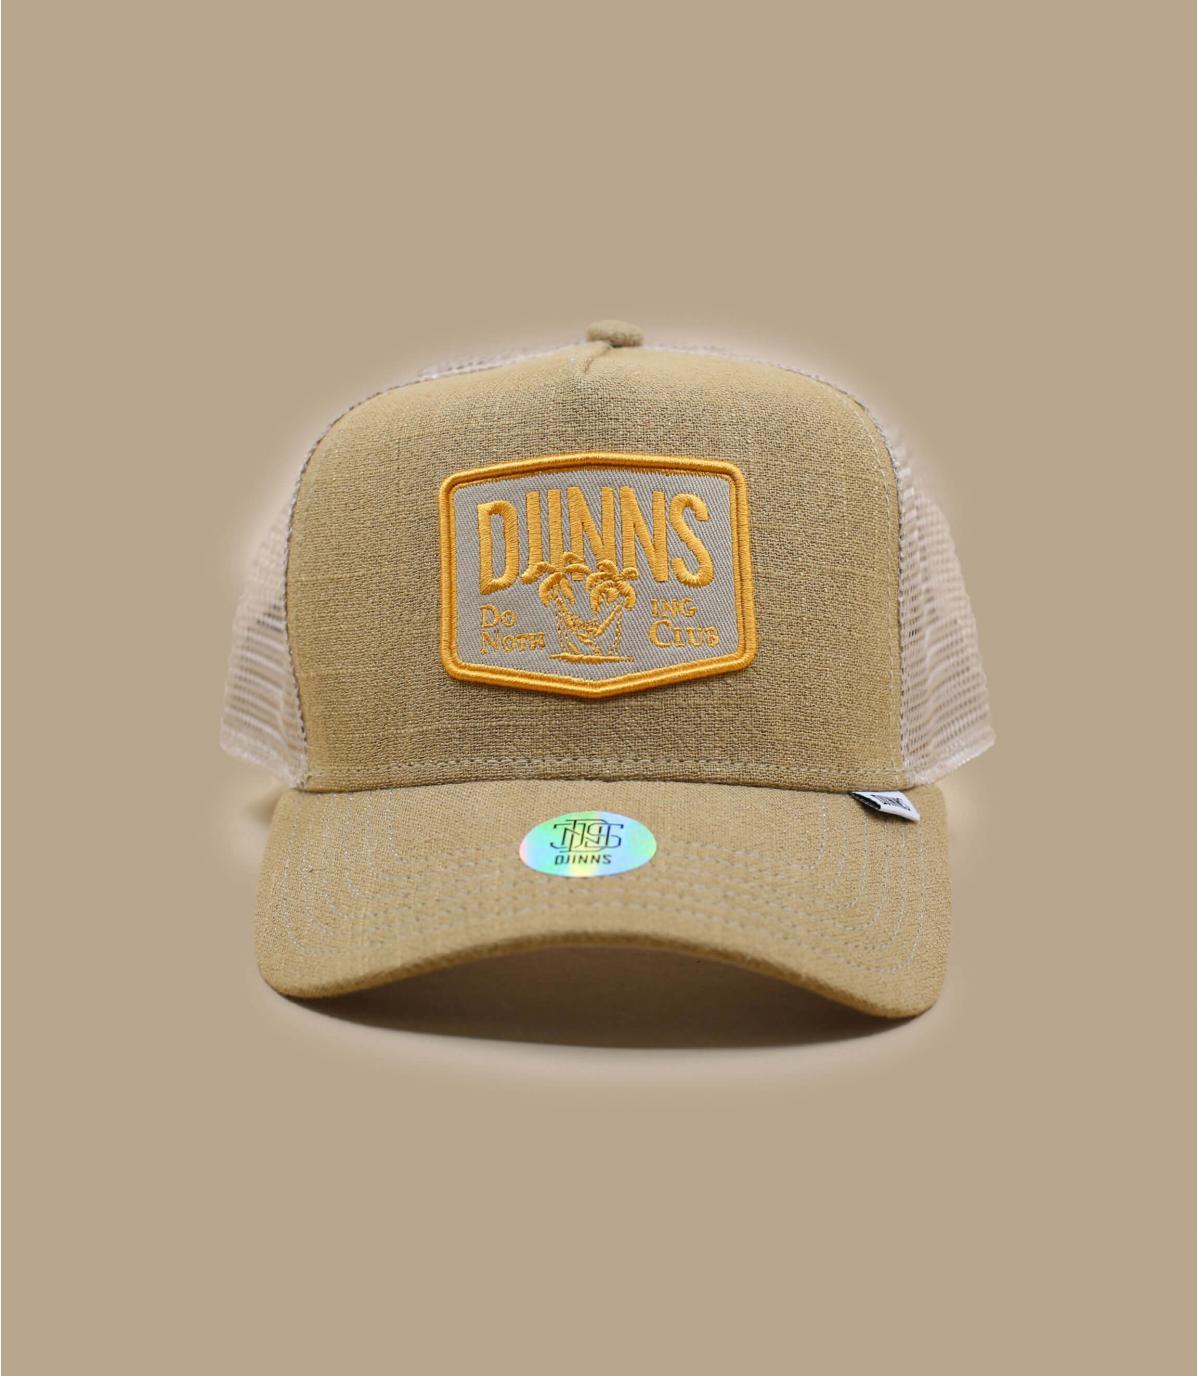 casquette Djinns beige palmier